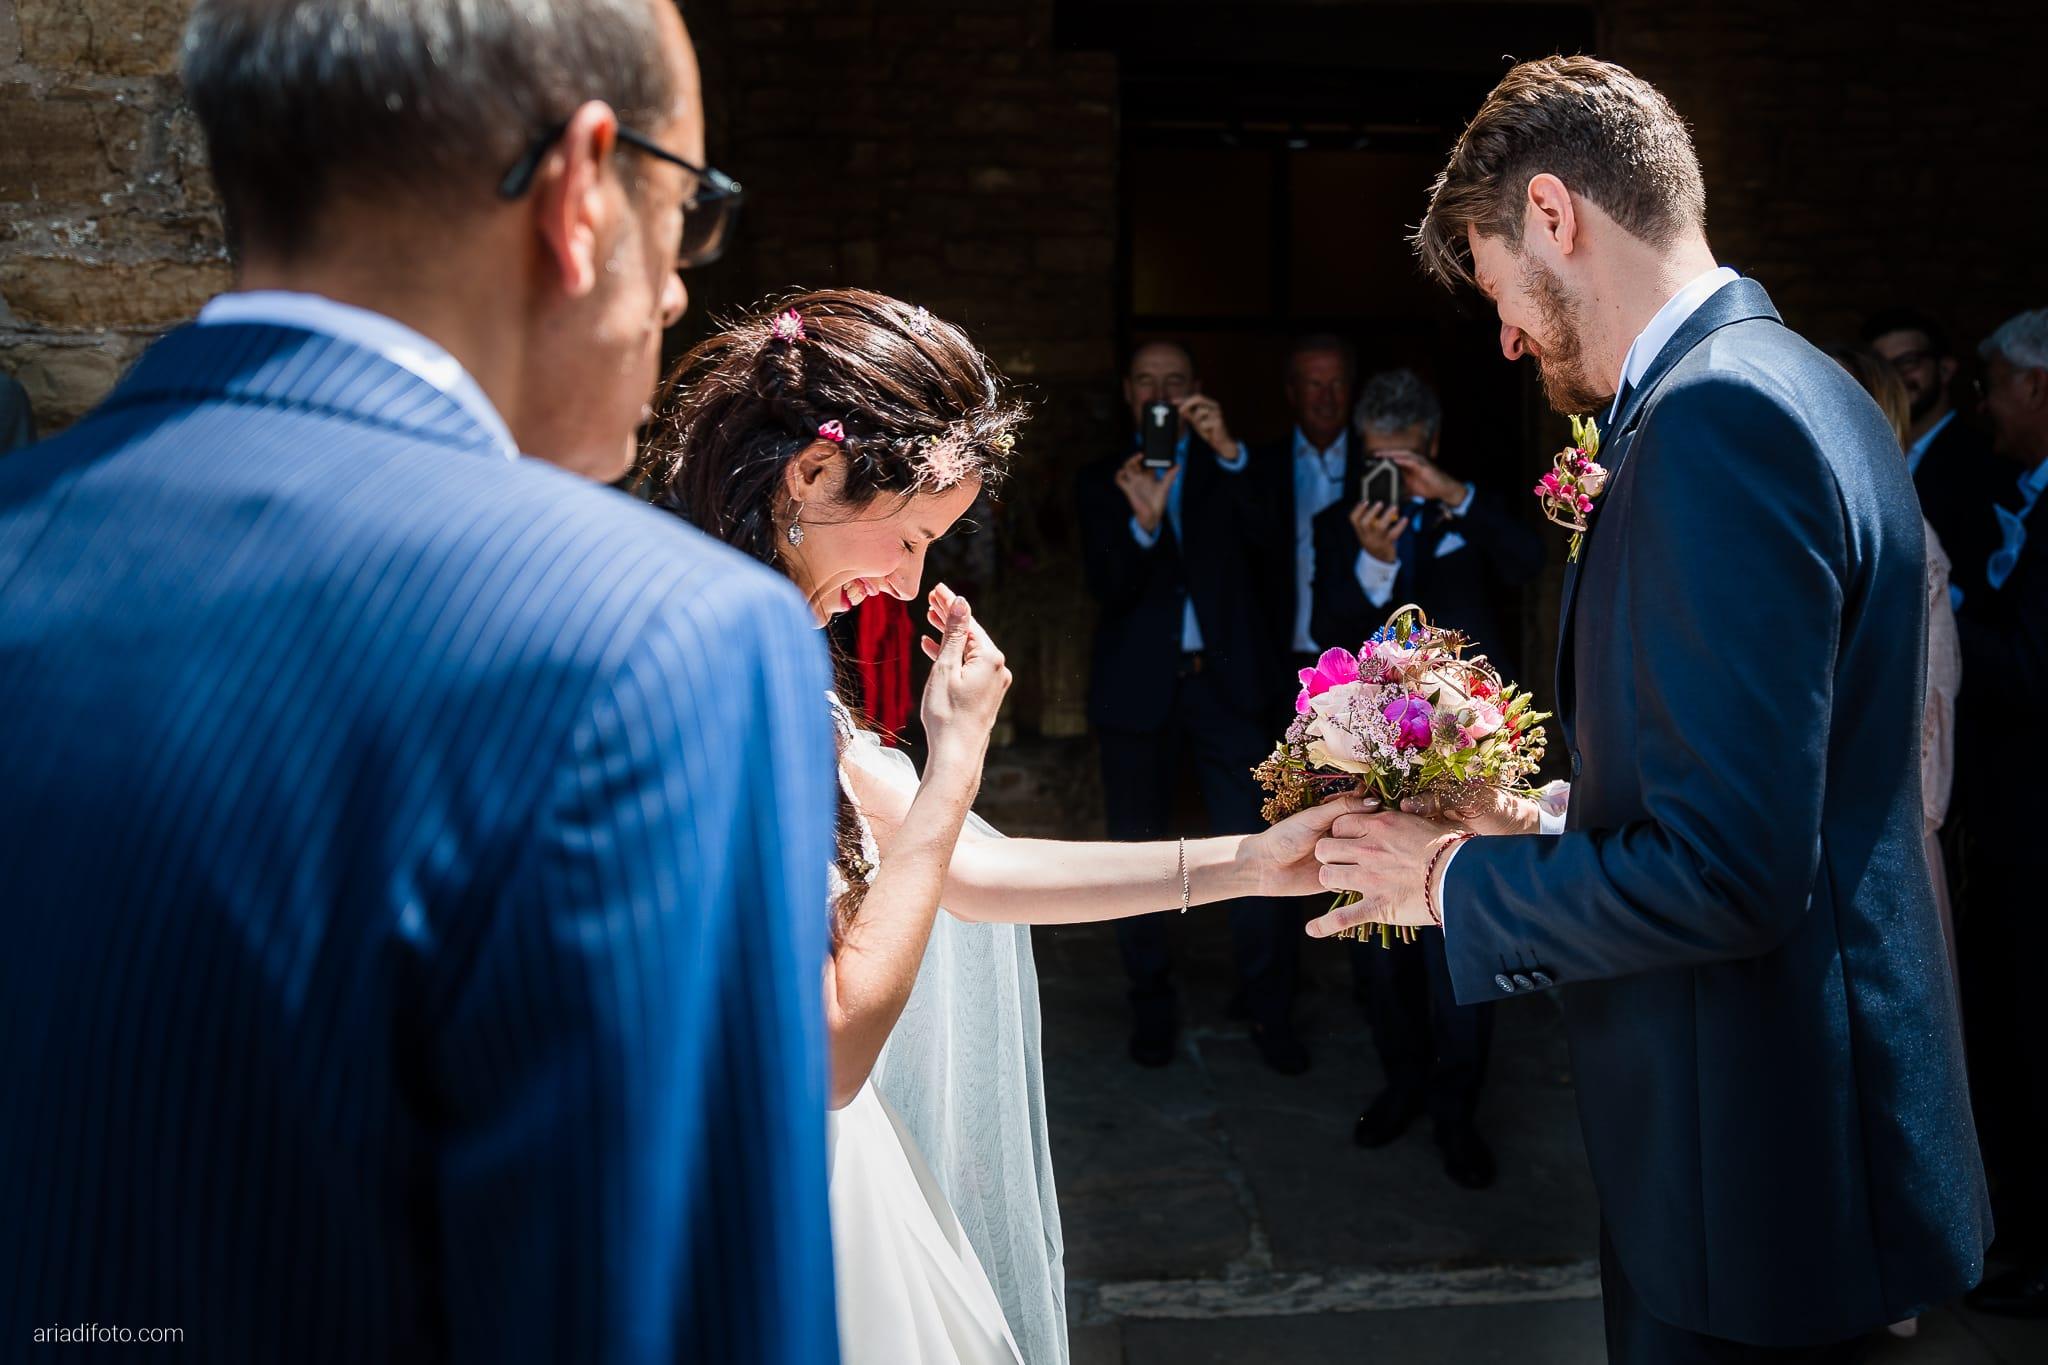 Giorgia Davide Matrimonio Chiesa Santa Maria Assunta Muggia Vecchia Trieste Baronesse Tacco San Floriano Del Collio Gorizia cerimonia ingresso sposa